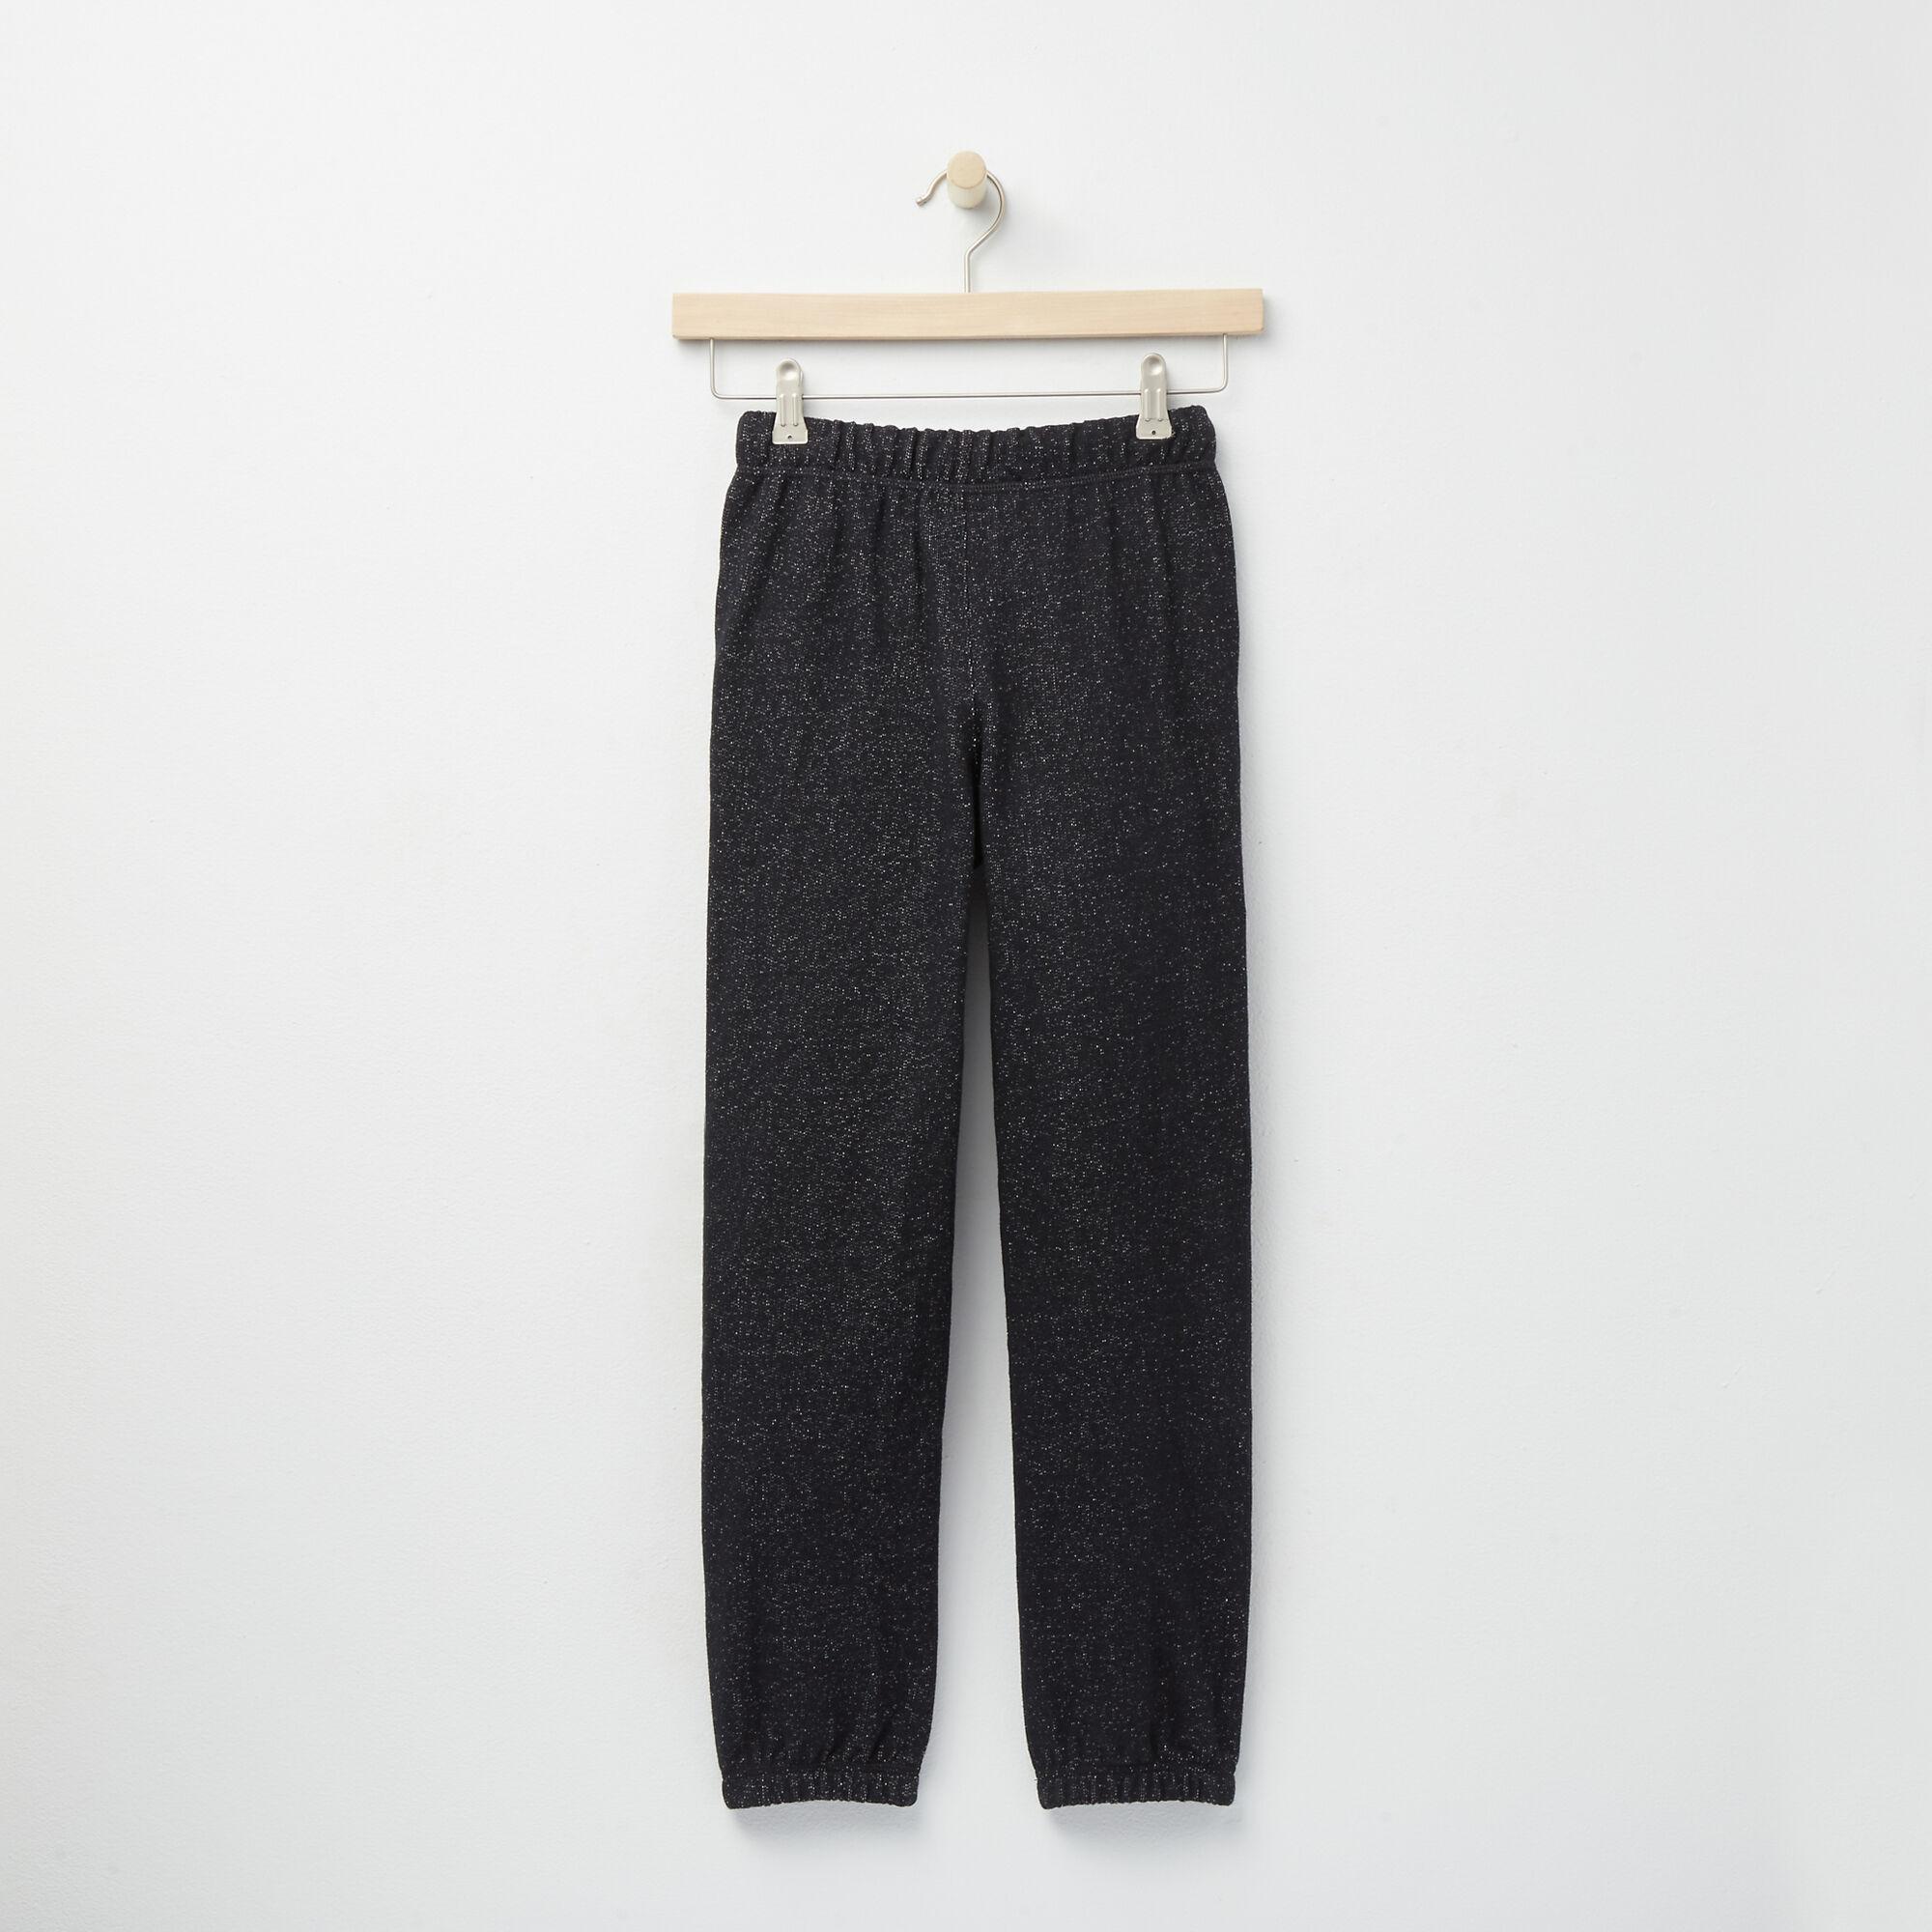 Enfant Pantalon Coton Ouaté Original